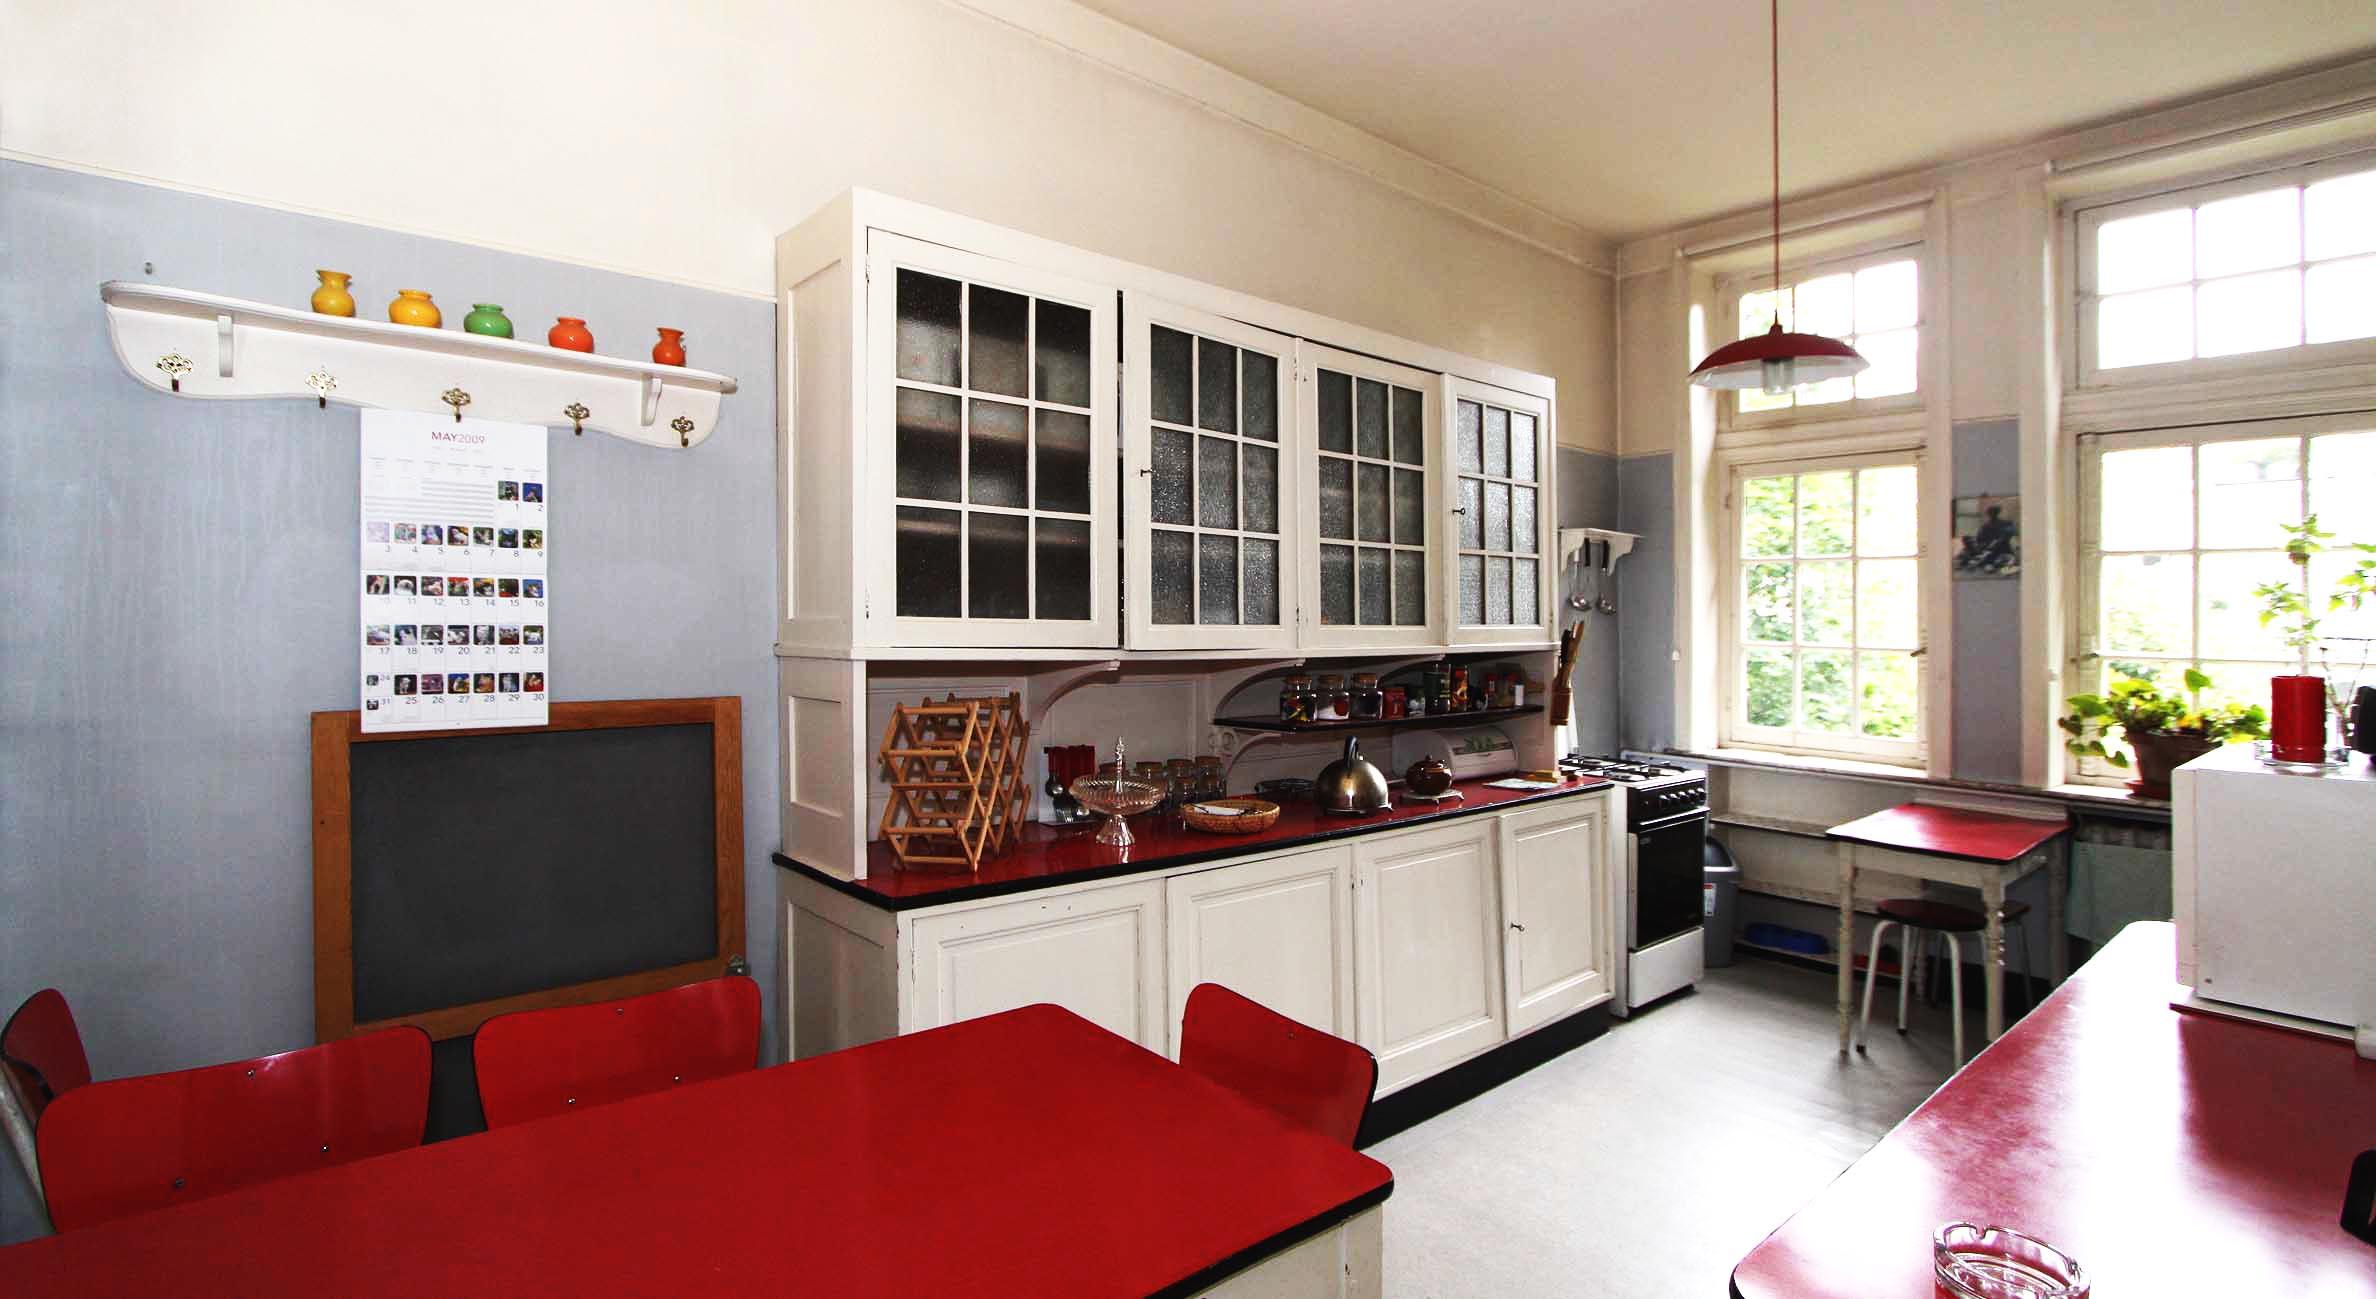 Location appartement Bordeaux : vous avez le choix